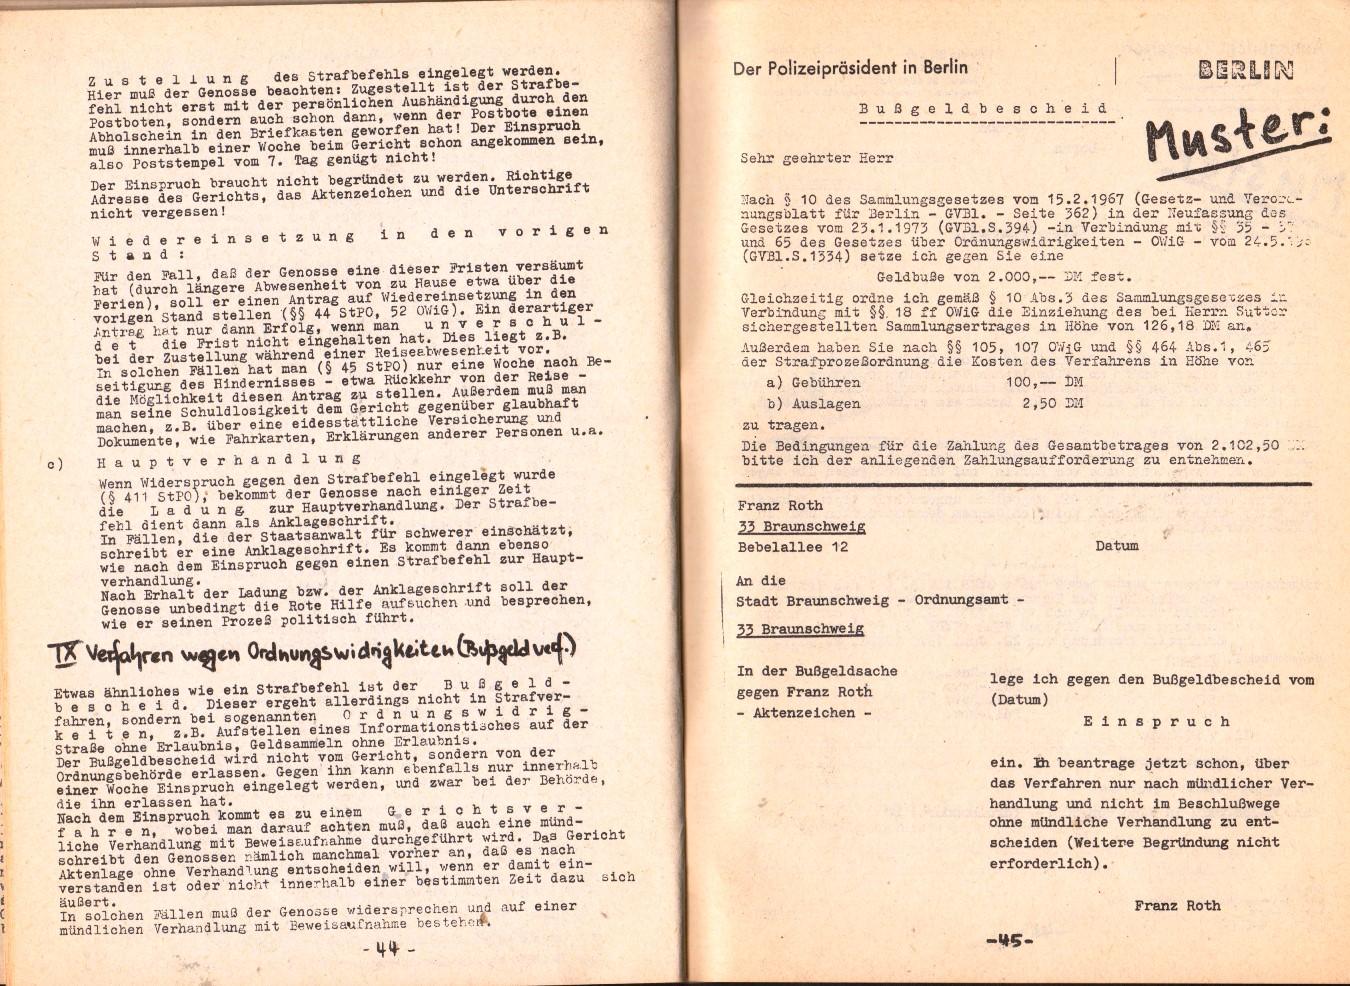 RHeV_1975_Wie_verteidige_ich_mich_24